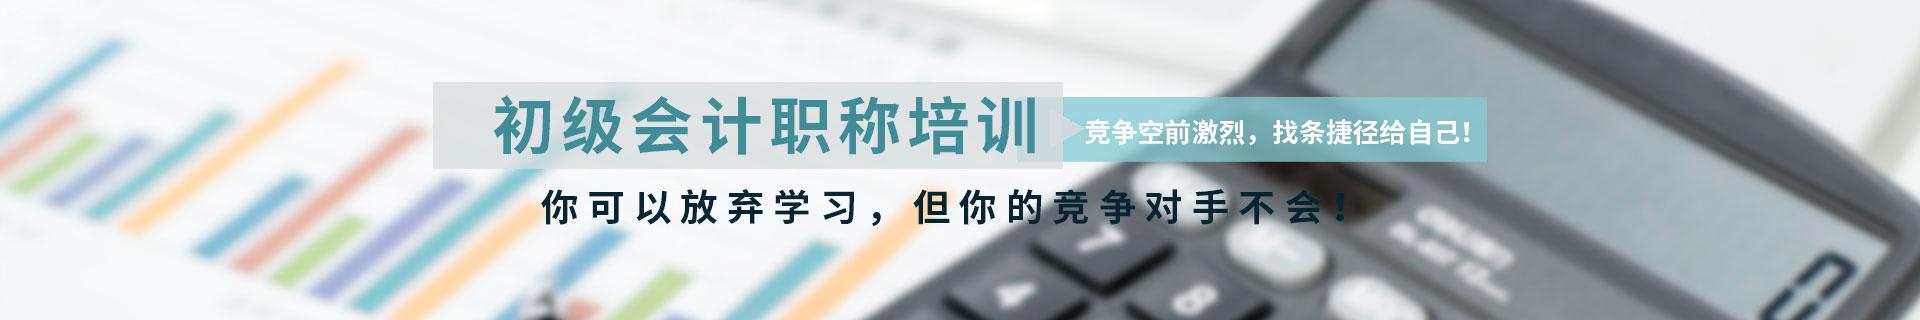 云南昆明优路教育培训学校